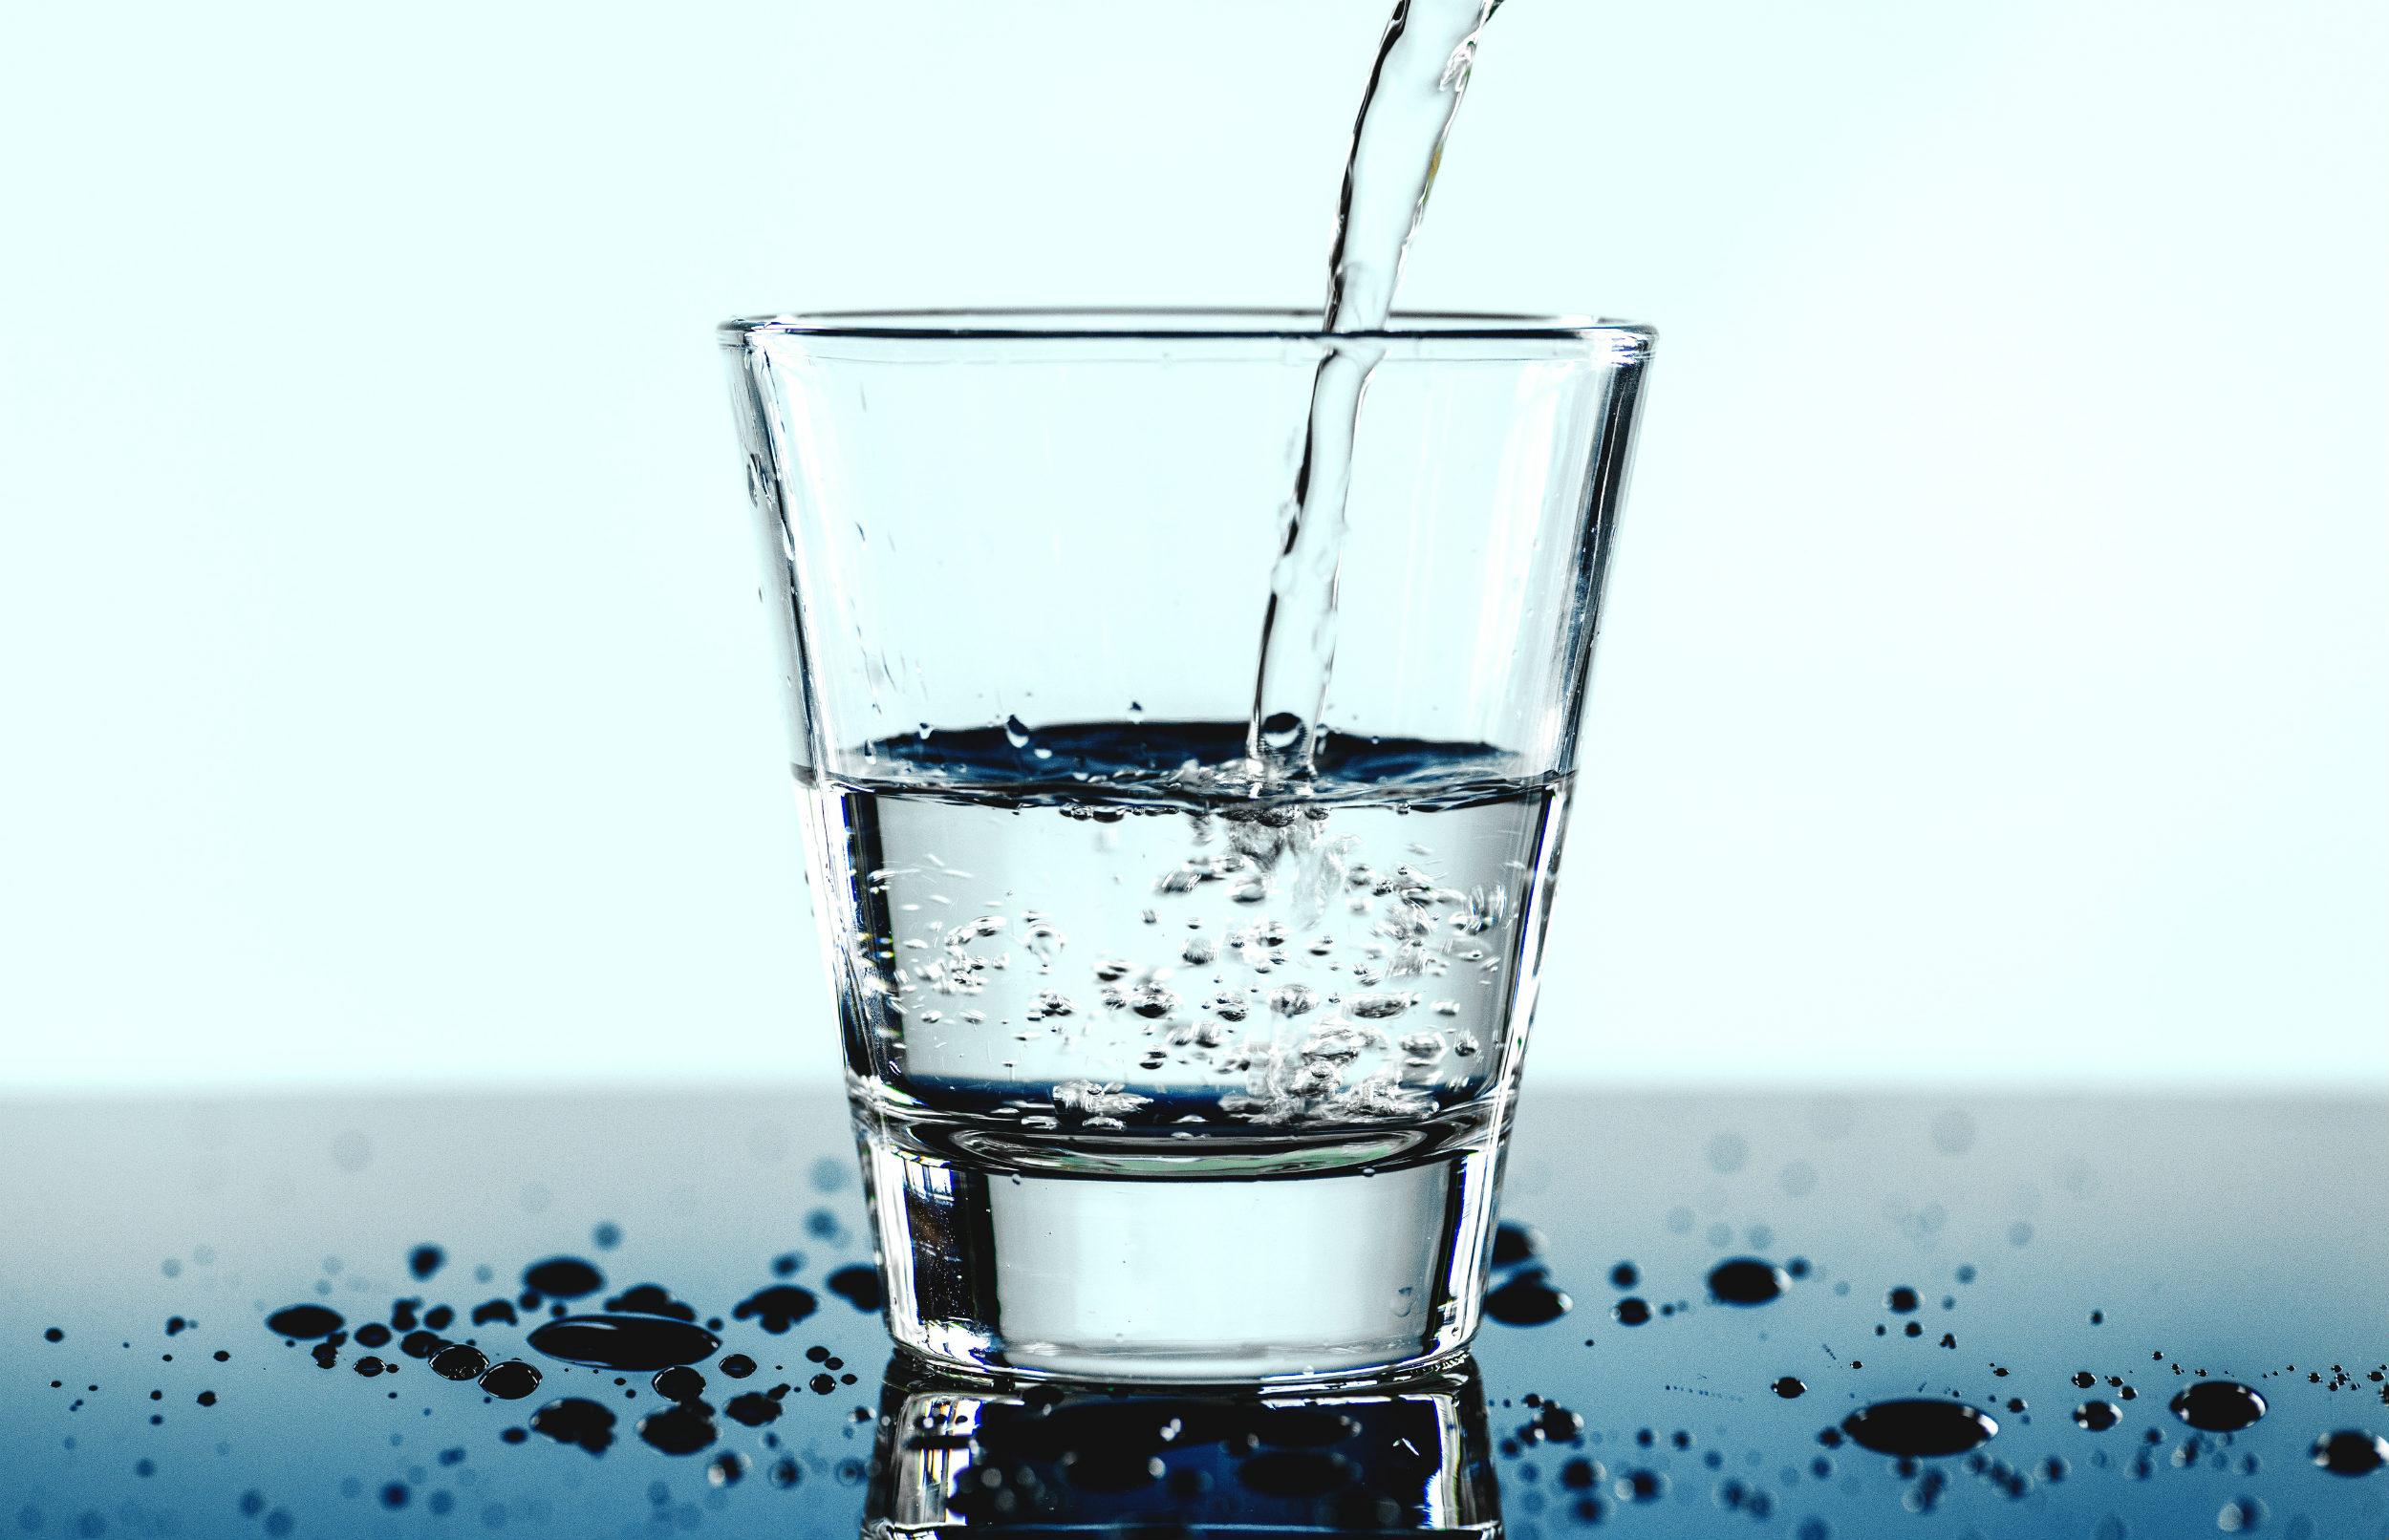 Gode nyheder for drikkevandet: Sprøjteforbud i det offentlige og for private på vej